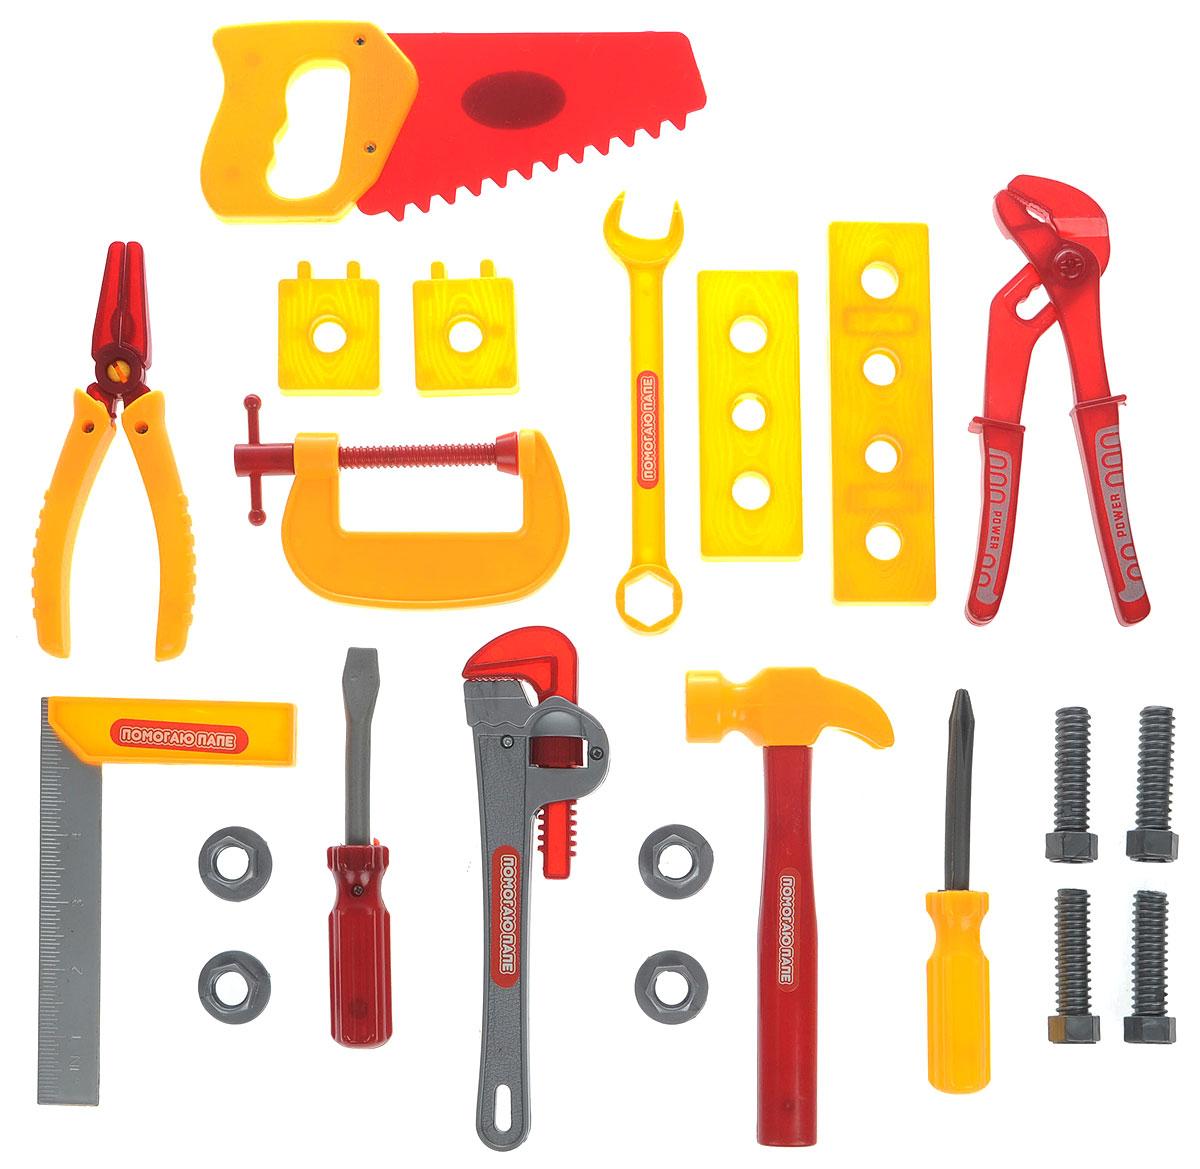 ABtoys Набор инструментов 22 предметаPT-00140(0713Q-2)Набор инструментов ABtoys - отличный способ научить мальчика с самого детства быть хозяином в доме. Набор инструментов, содержащий 22 предмета домашнего обихода, поможет ребенку в игровой форме освоить все дальнейшие навыки. Набор инструментов ABtoys выполнен из прочного и совершенно безопасного пластика, который обязательно понравится вашему ребенку! С таким набором ваш ребенок сможет играть как в доме, так и на улице.